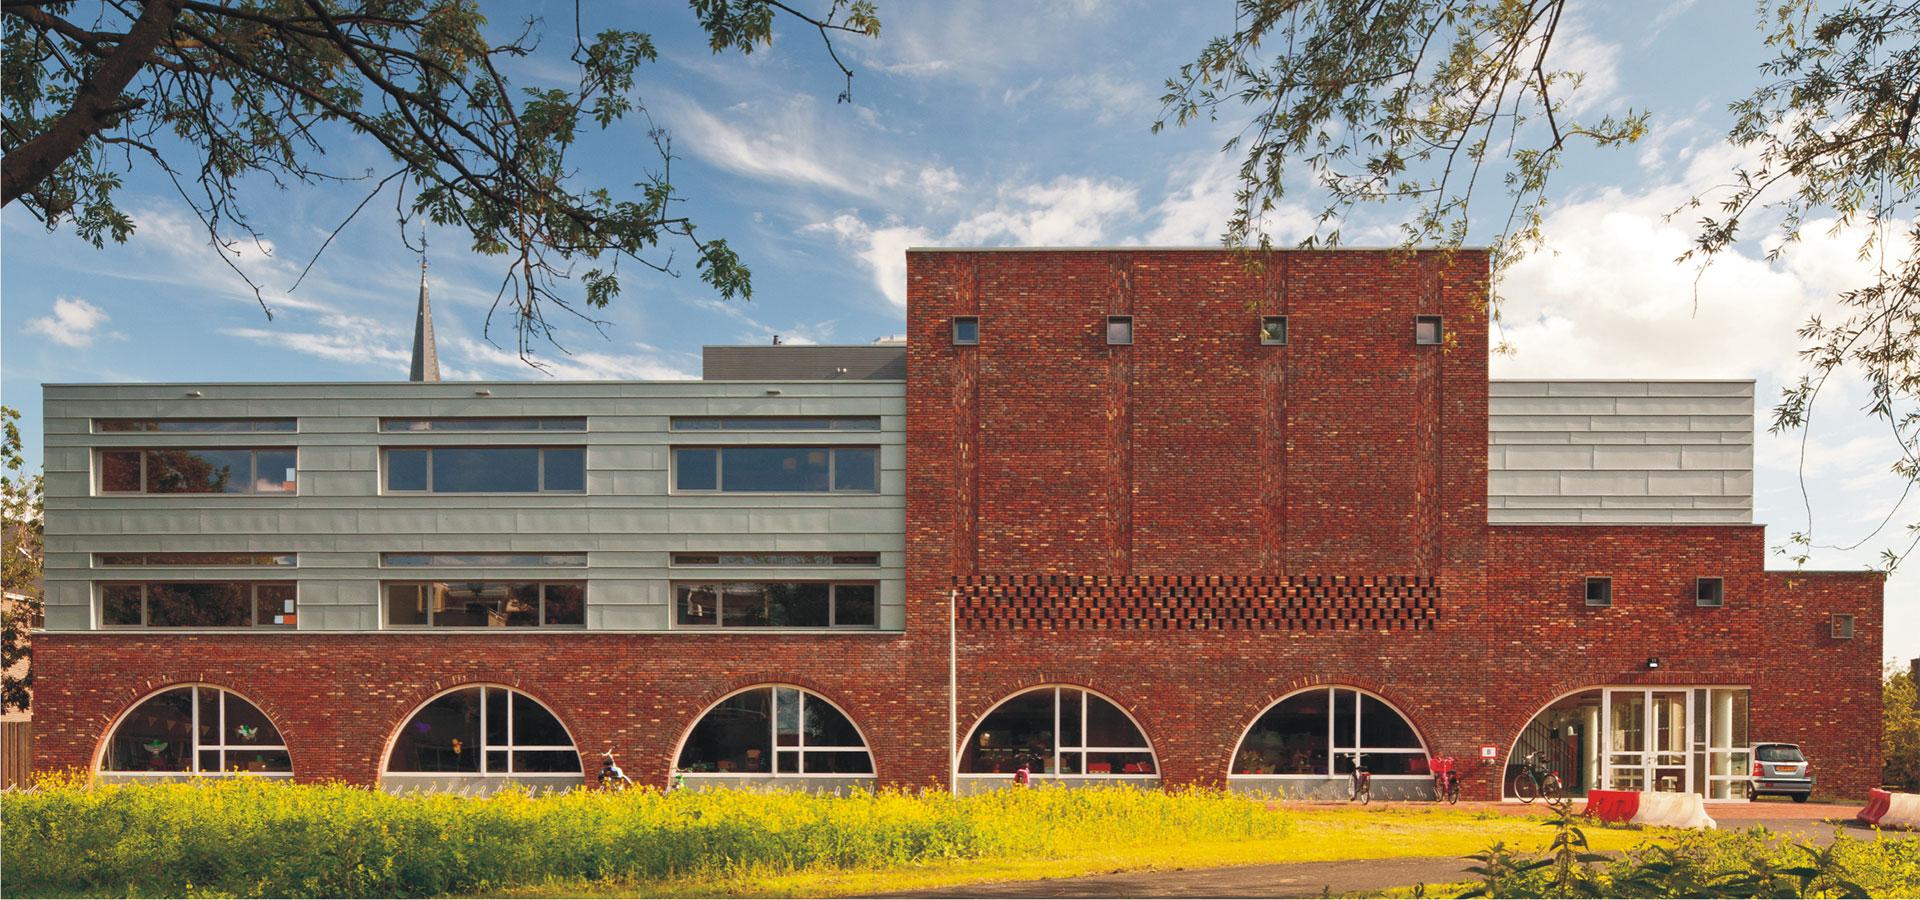 FARO architecten Bonifaciusschool Alphen aan den Rijn 01